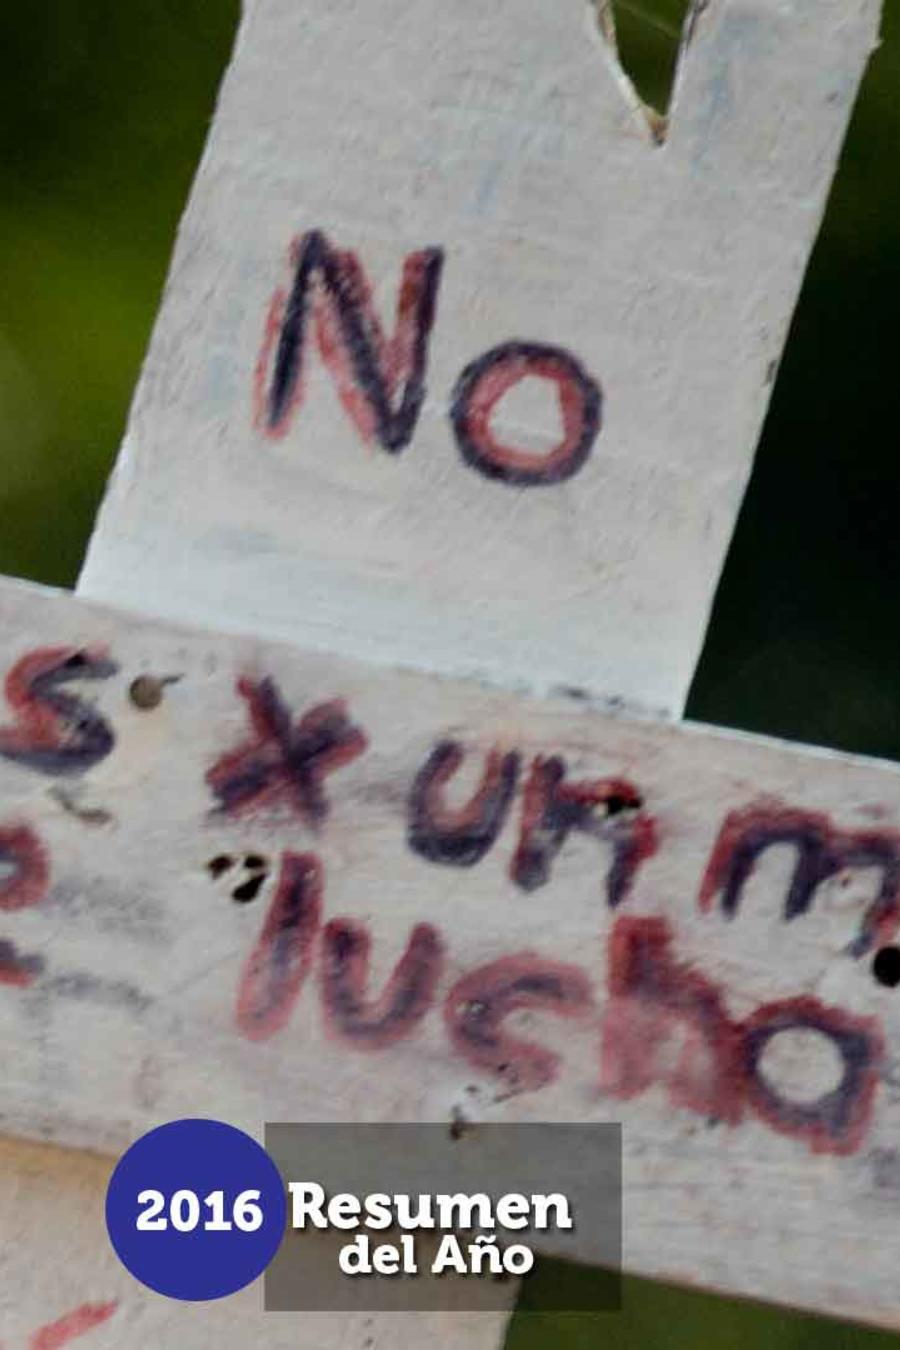 Protestas contra el narcotráfico en México